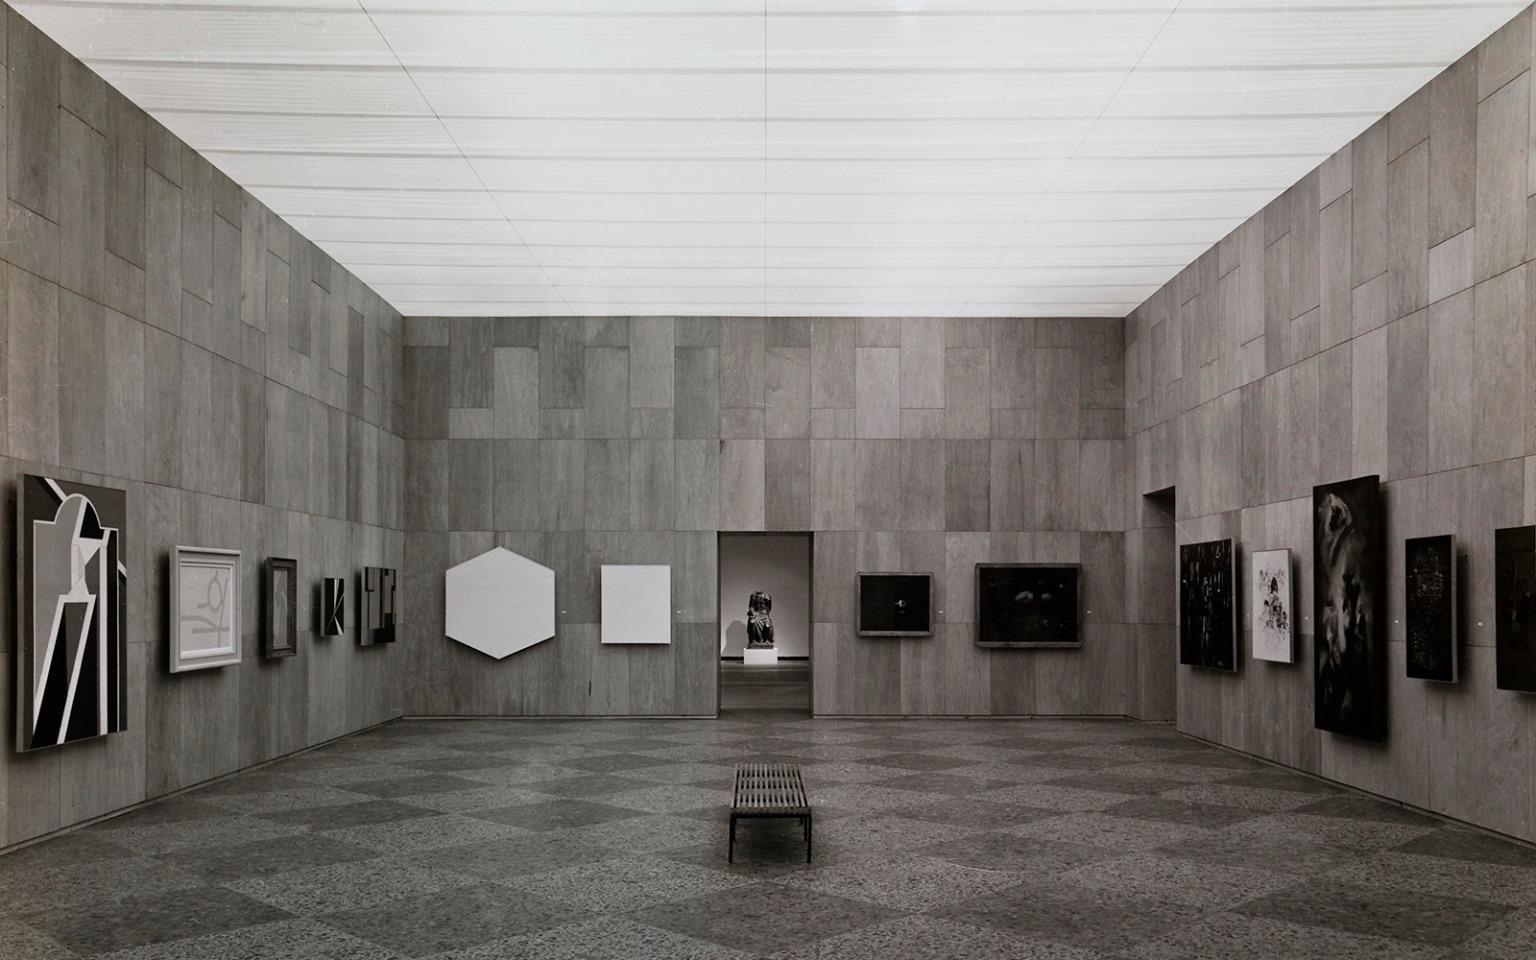 Apresentação do catálogo: História das Exposições de Arte da Fundação Calouste Gulbenkian